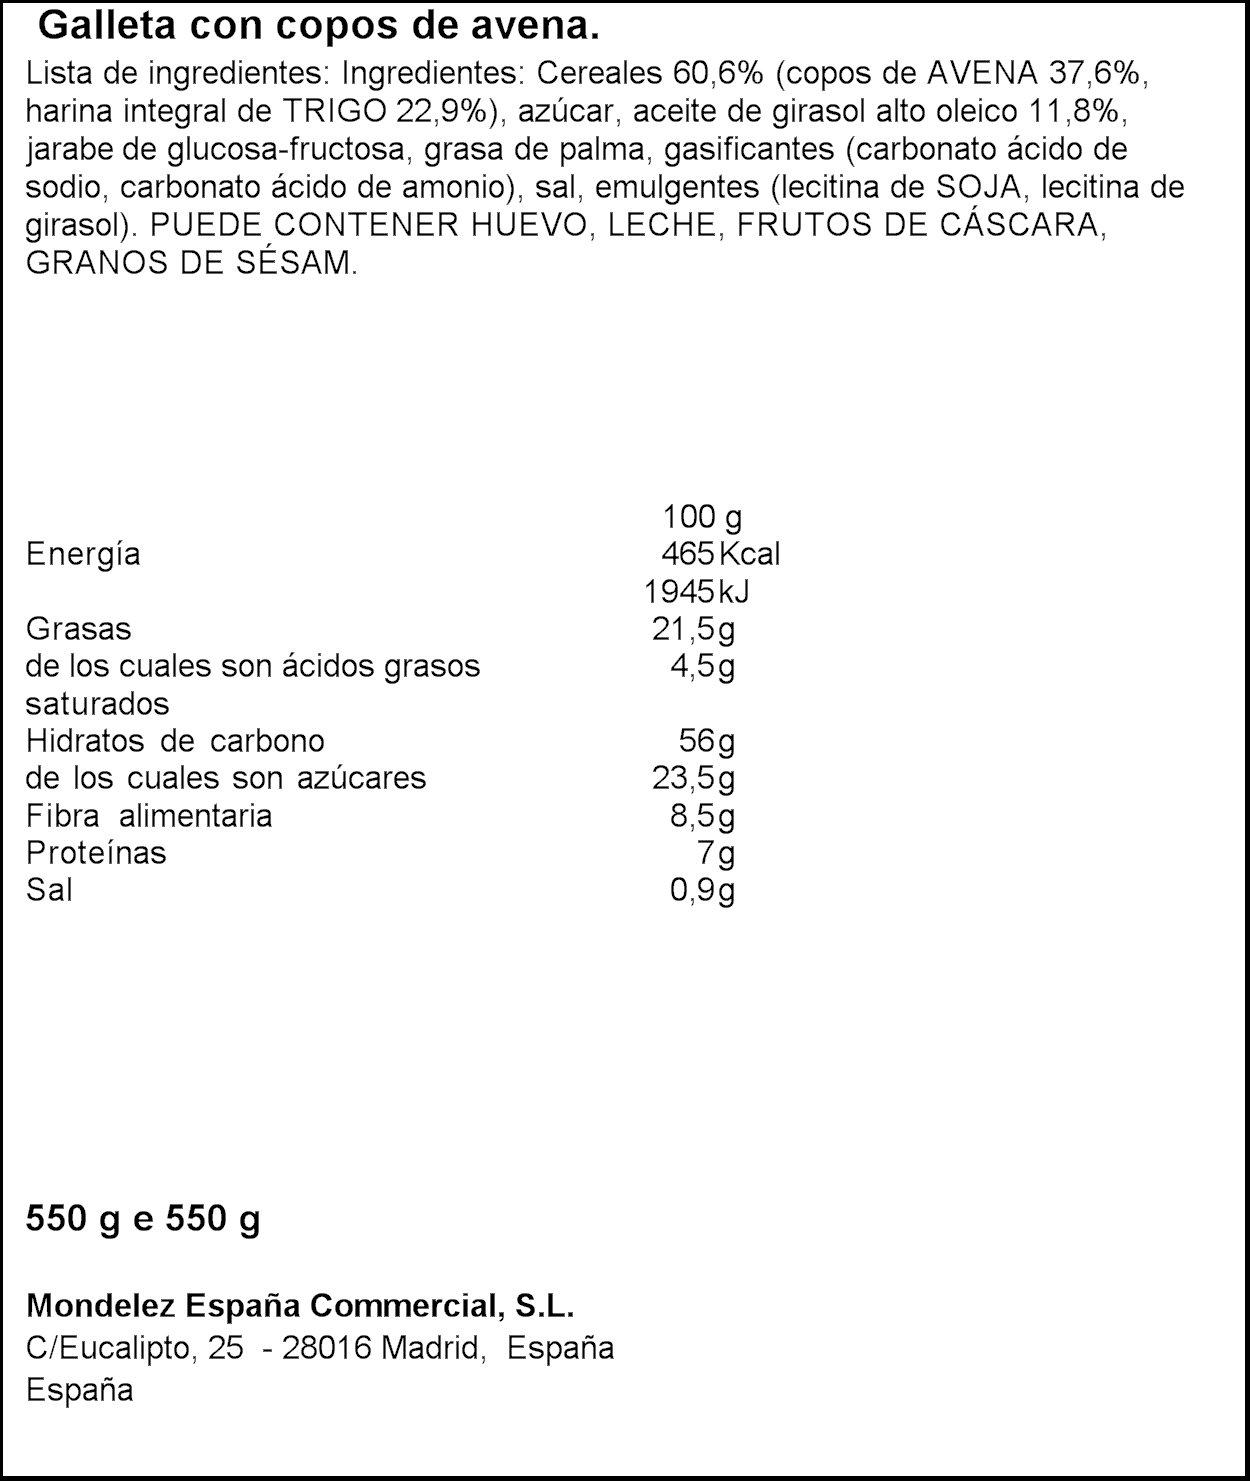 Fontaneda - Digestive- Galletas con avena - 550 g: Amazon.es: Alimentación y bebidas